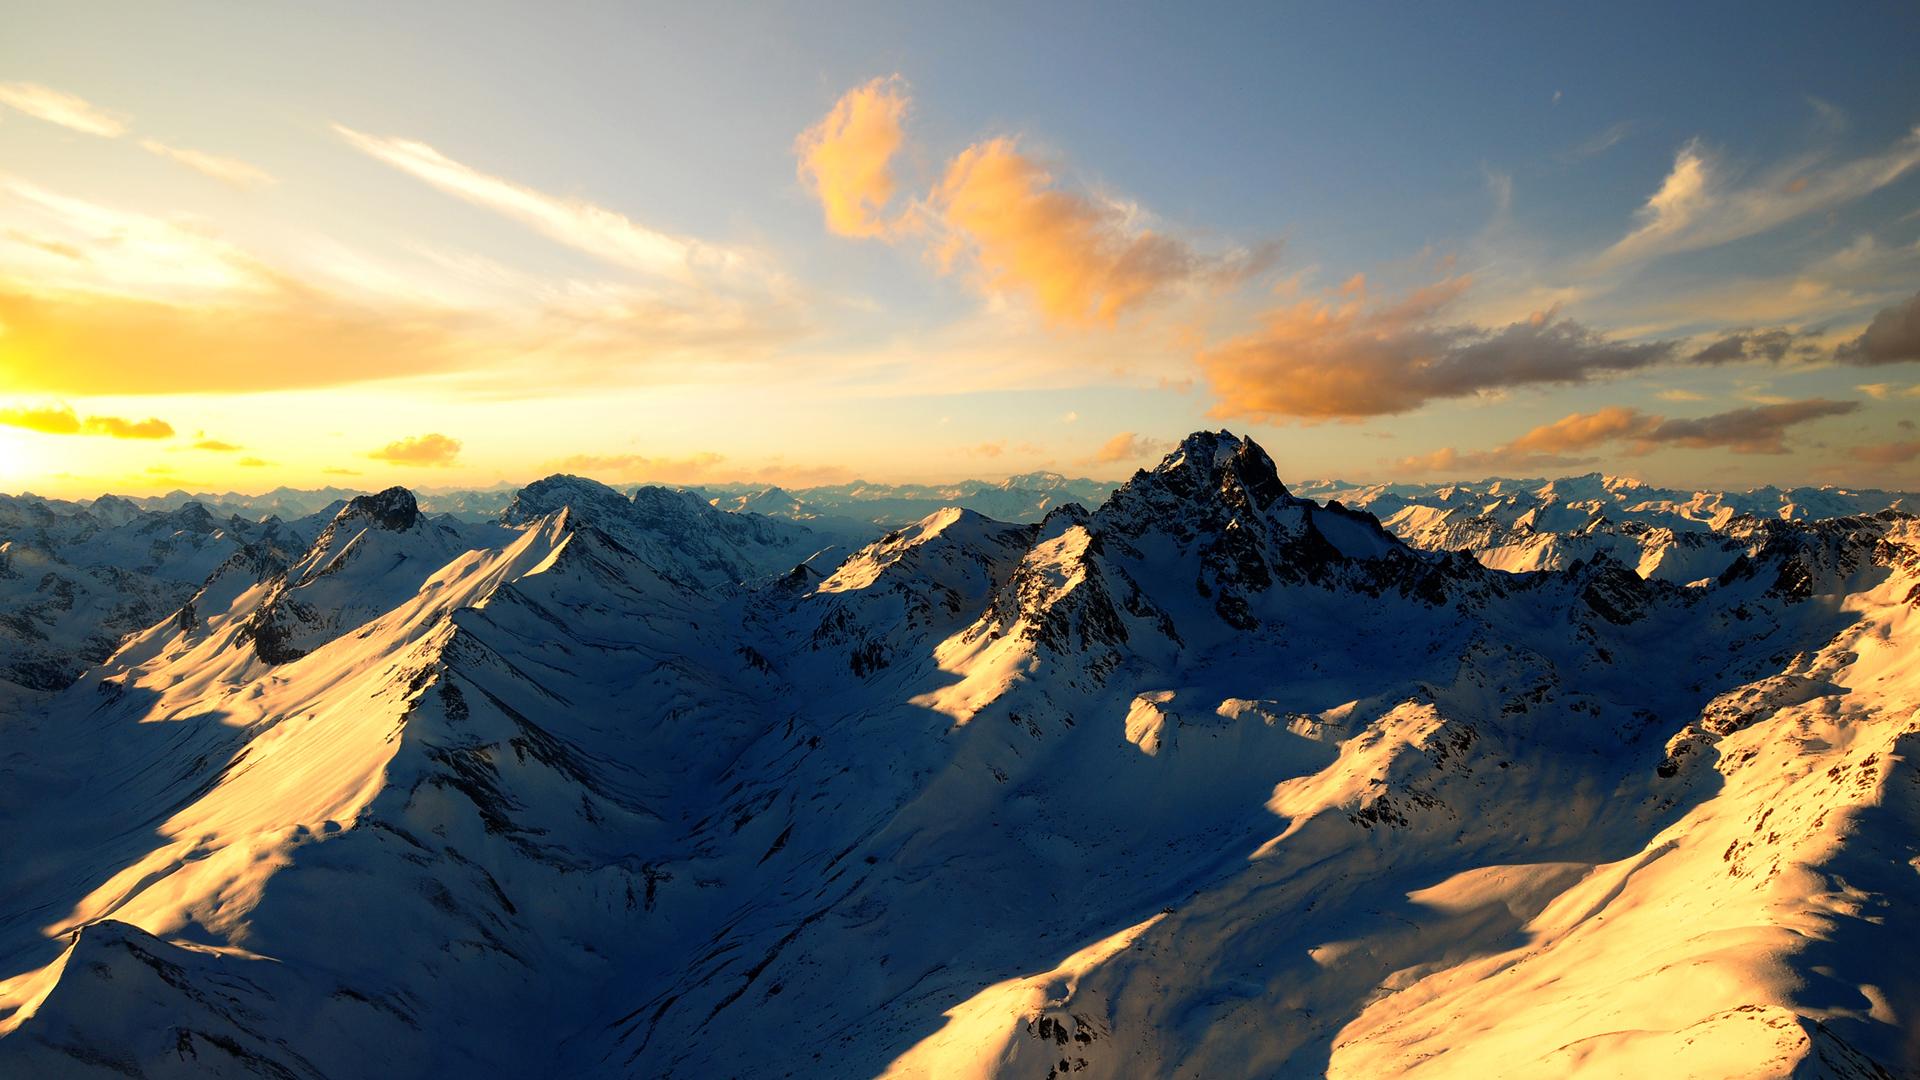 ... Himalayas Wallpaper; Himalayas Wallpaper